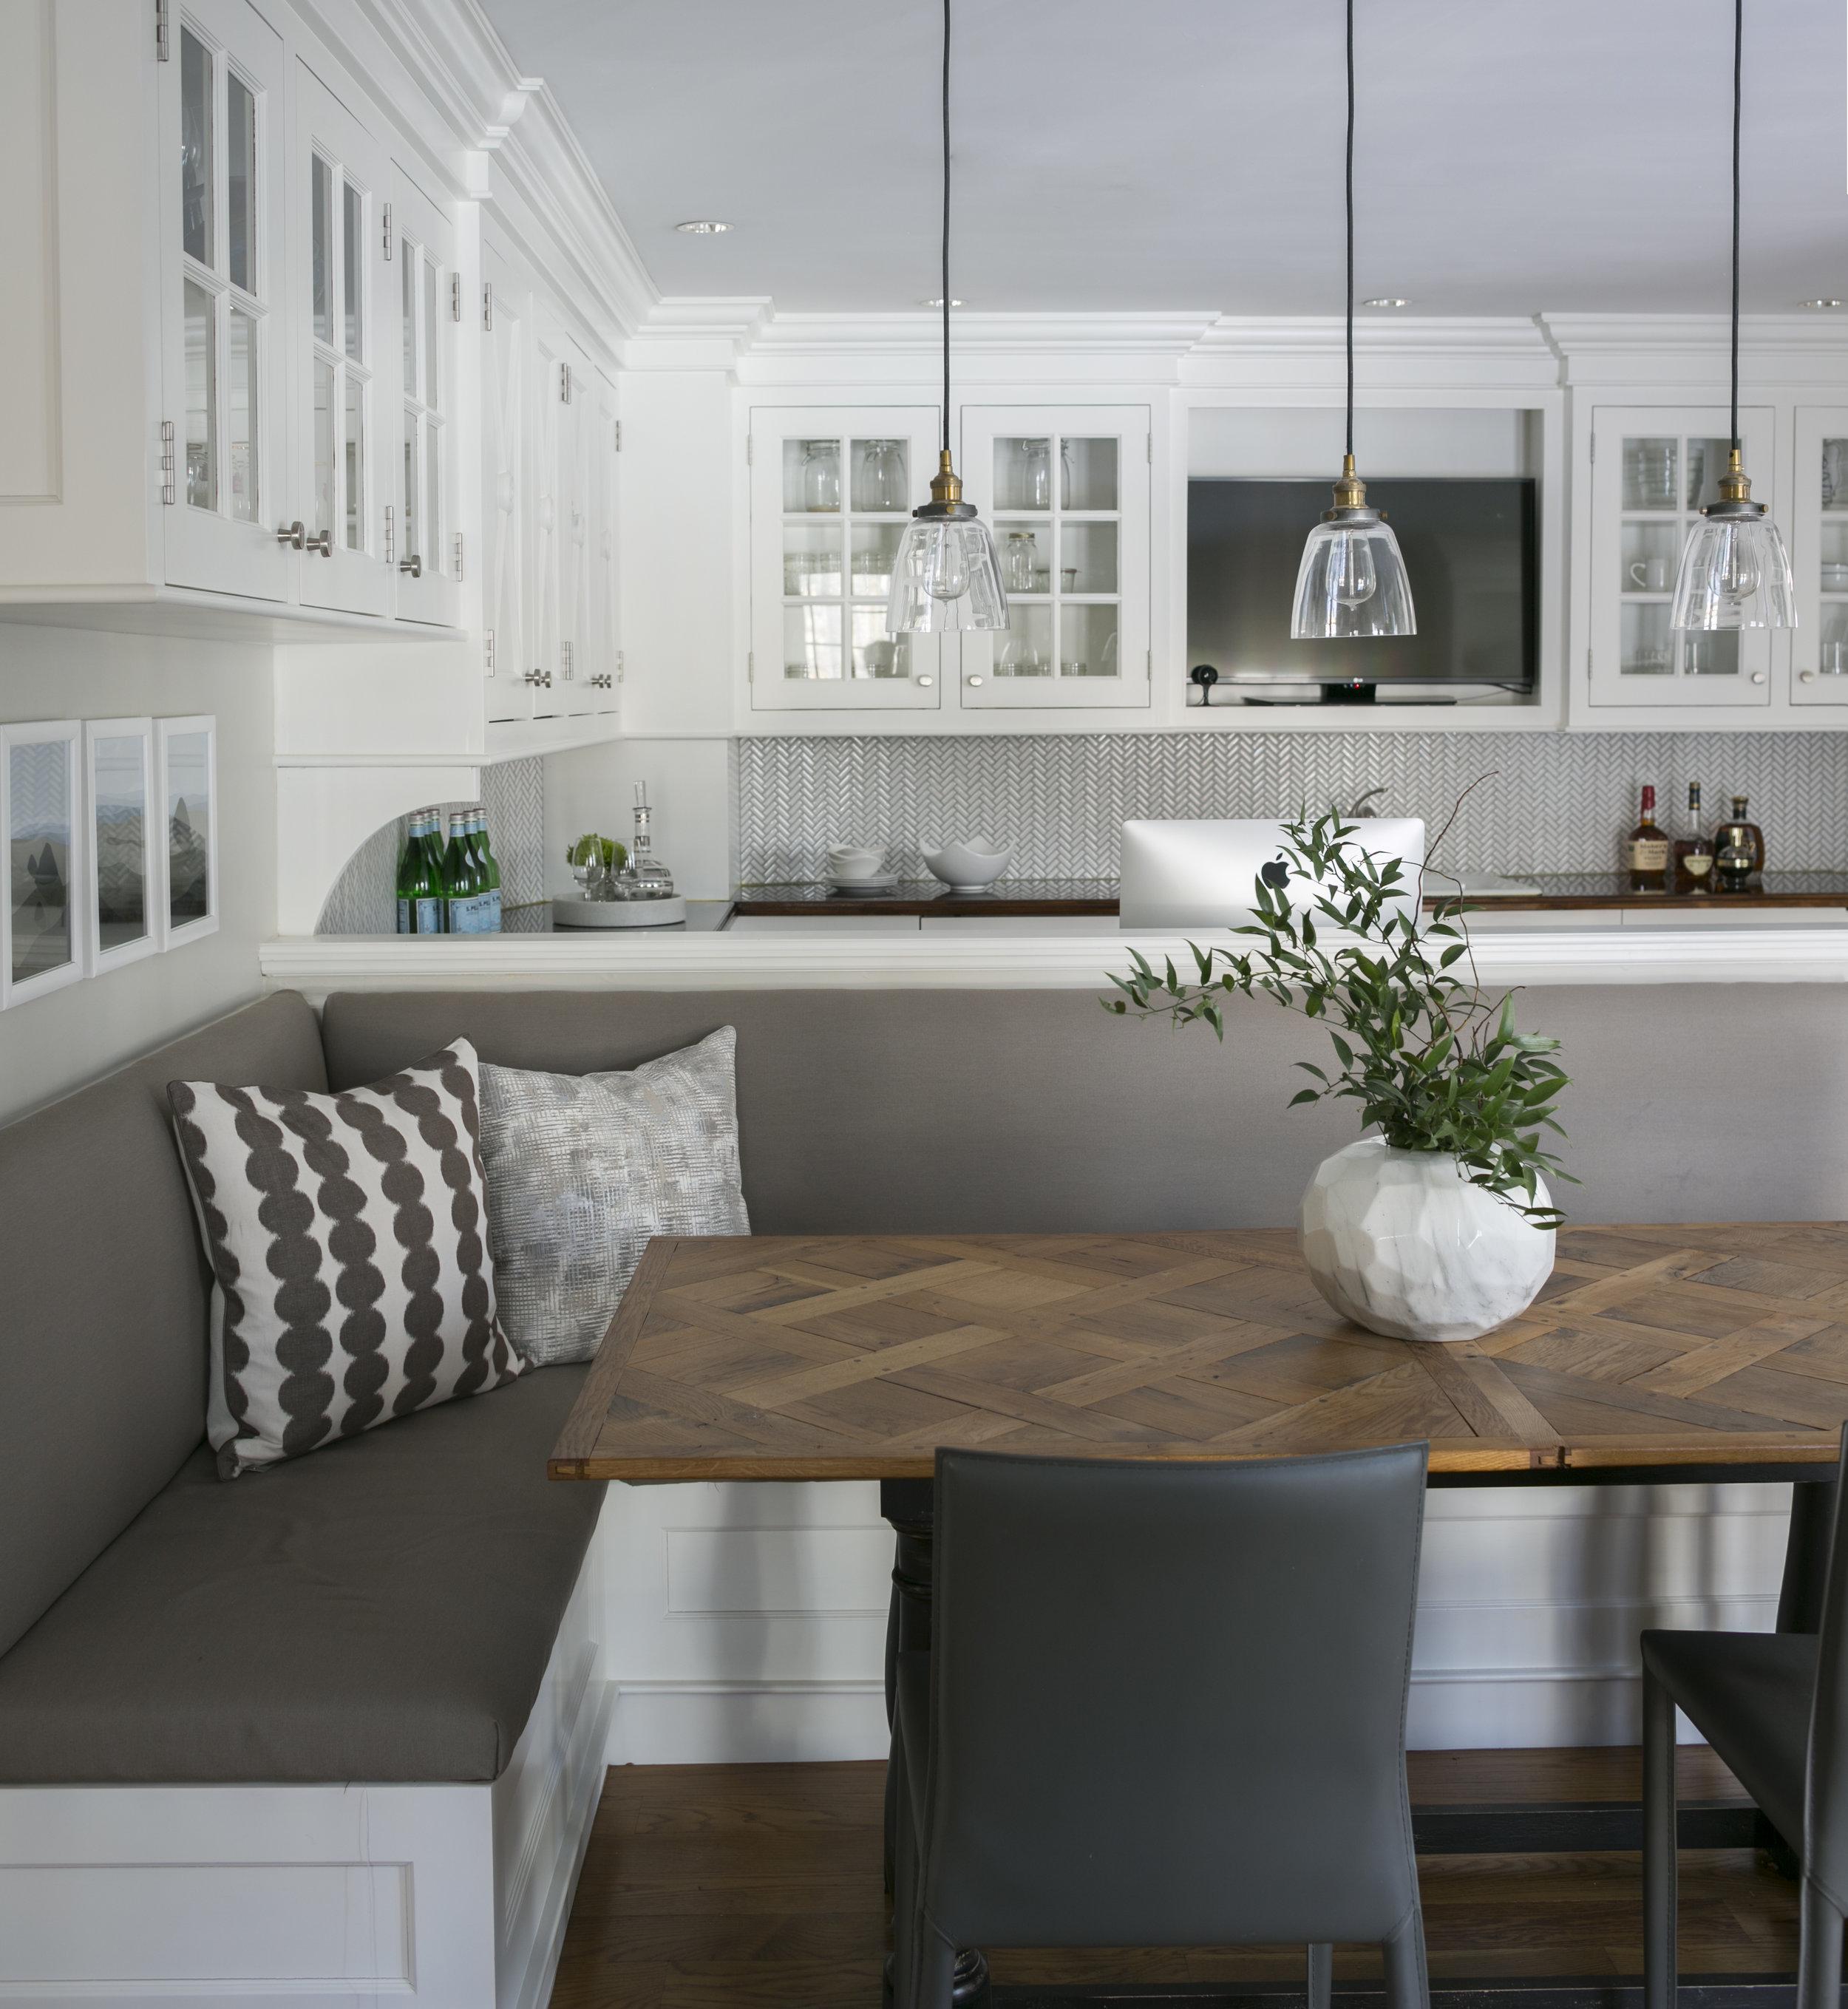 Fairfield Kitchen Banquette